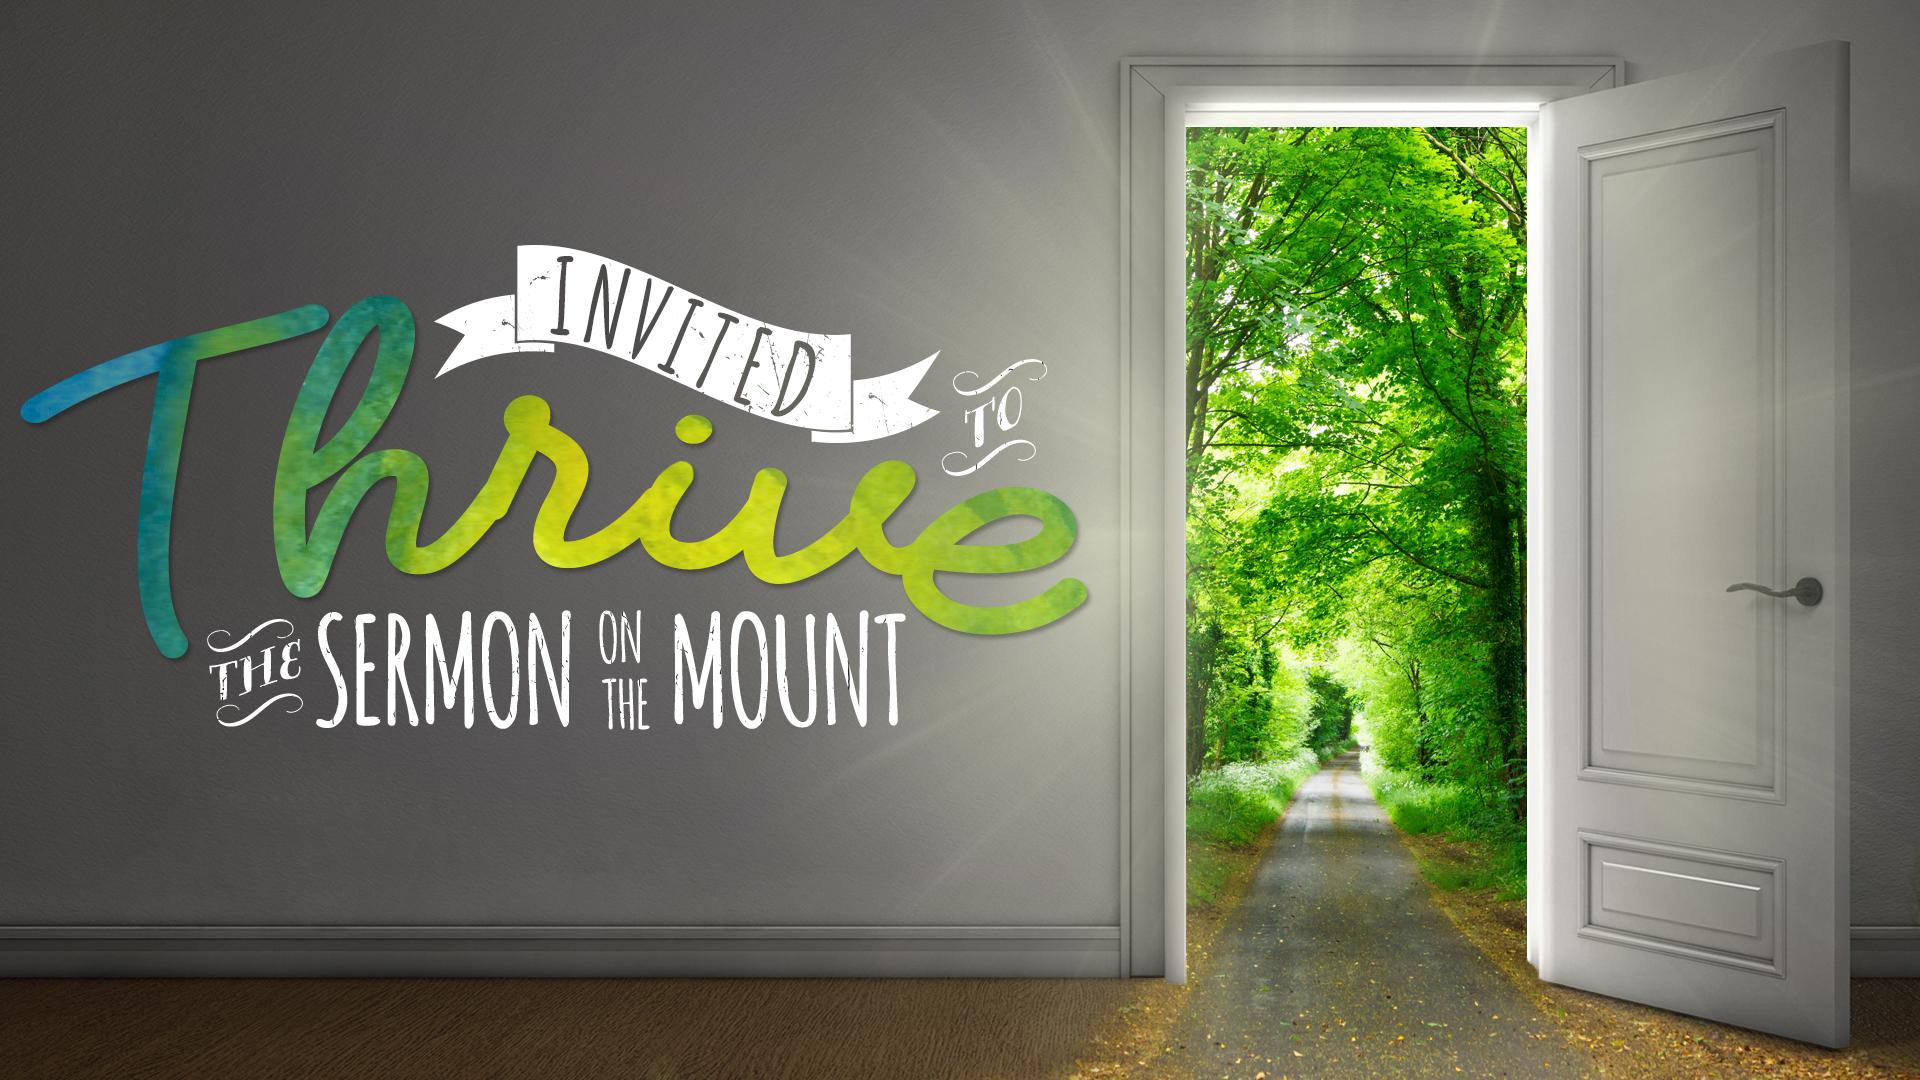 Apr. 3 – How Do You Thrive?